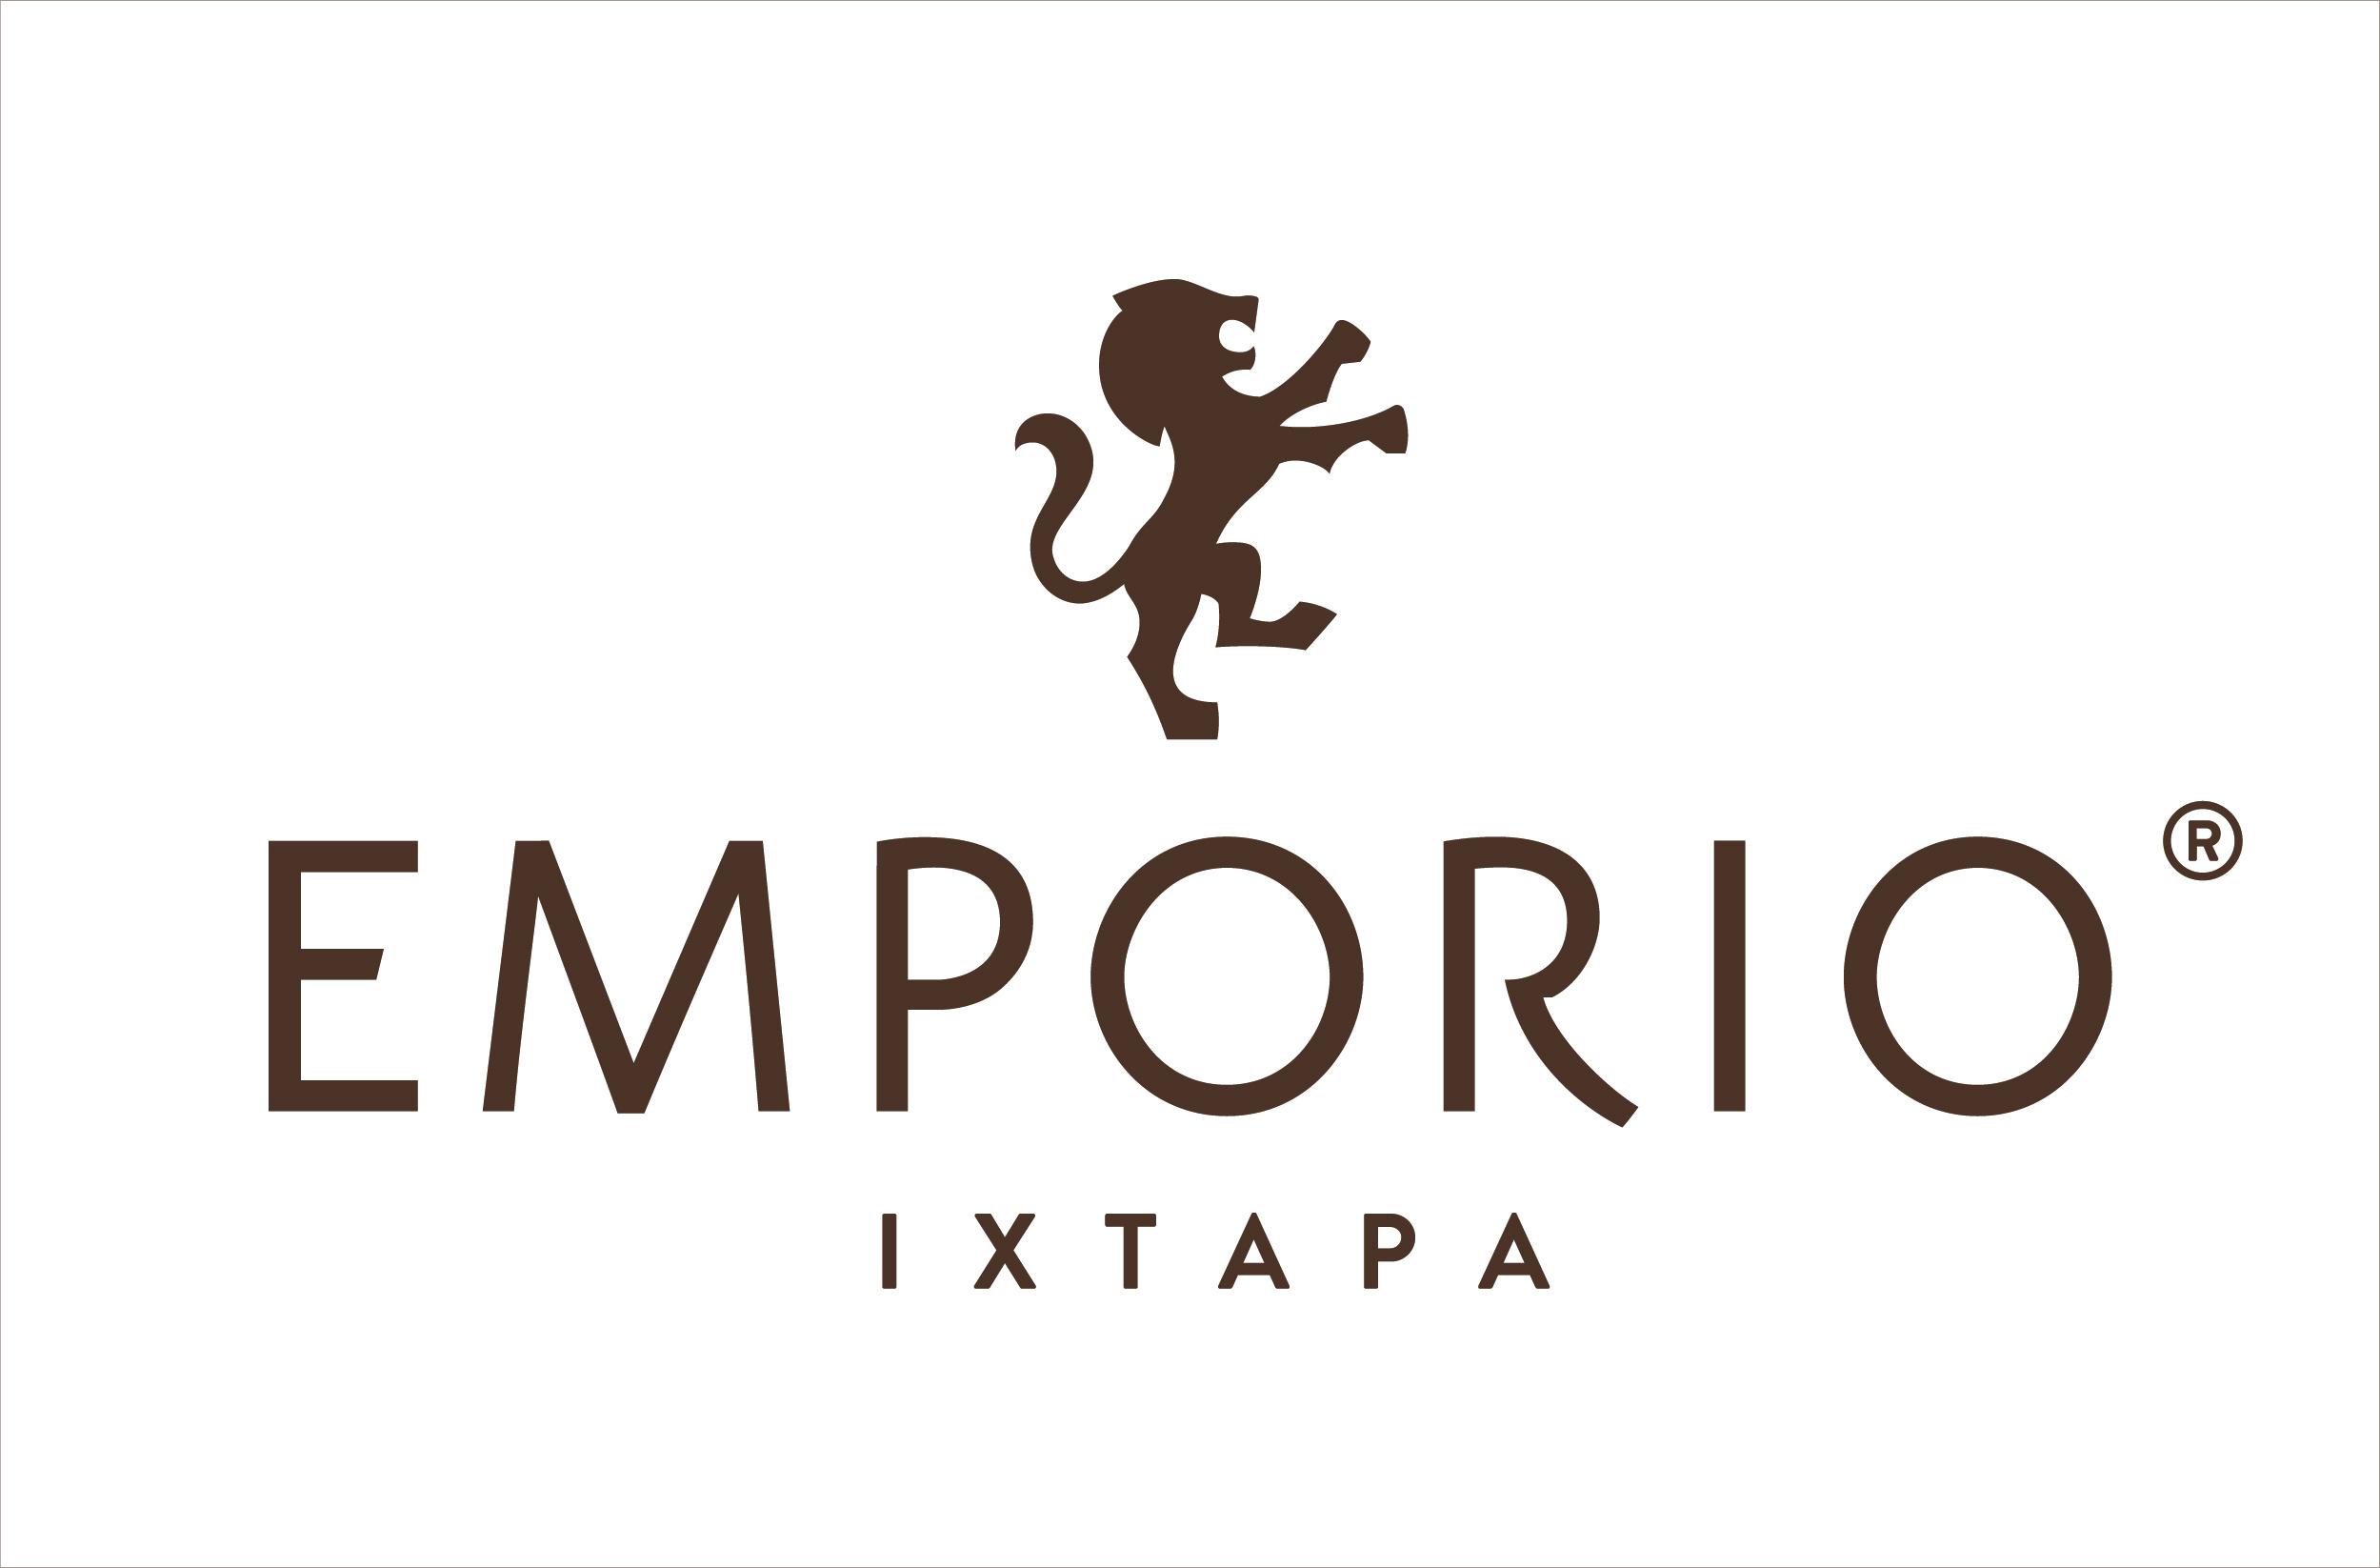 Emporio Ixtapa